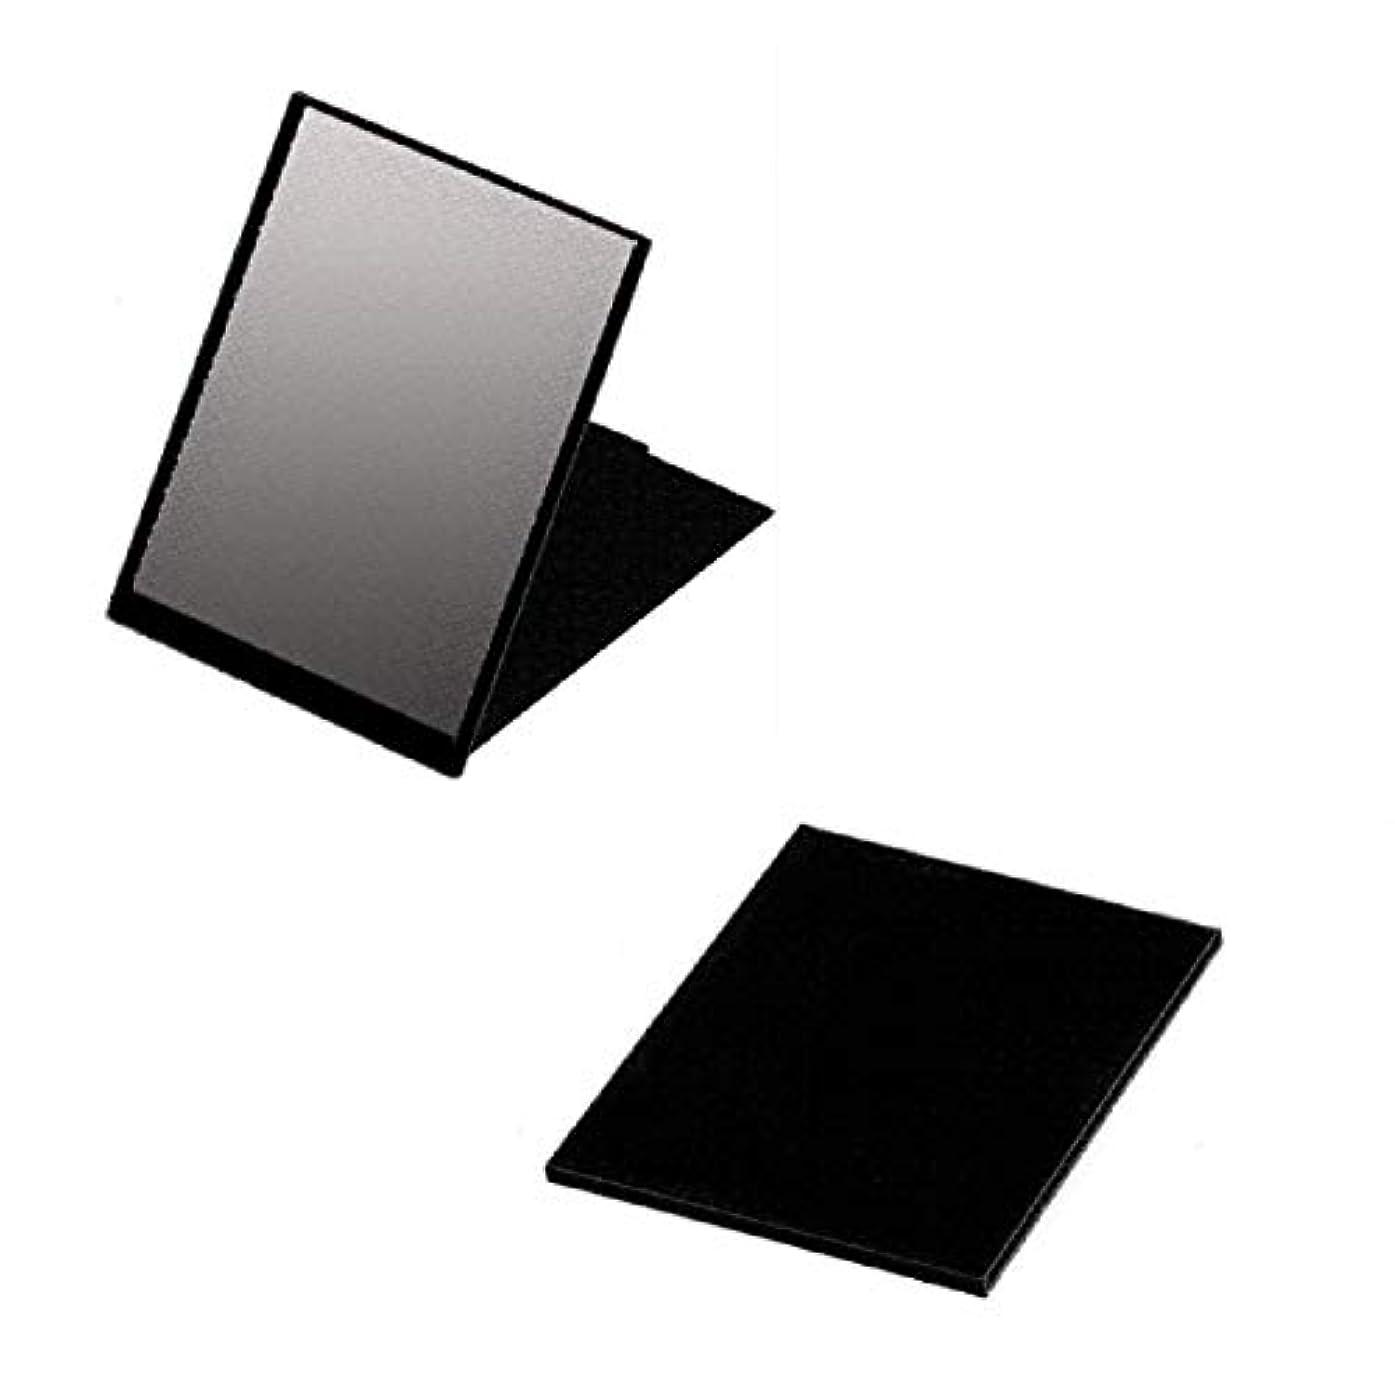 十分です弱点効果的ハイパービュースリム&ライトコンパクトミラー(M) HV-001 ブラック